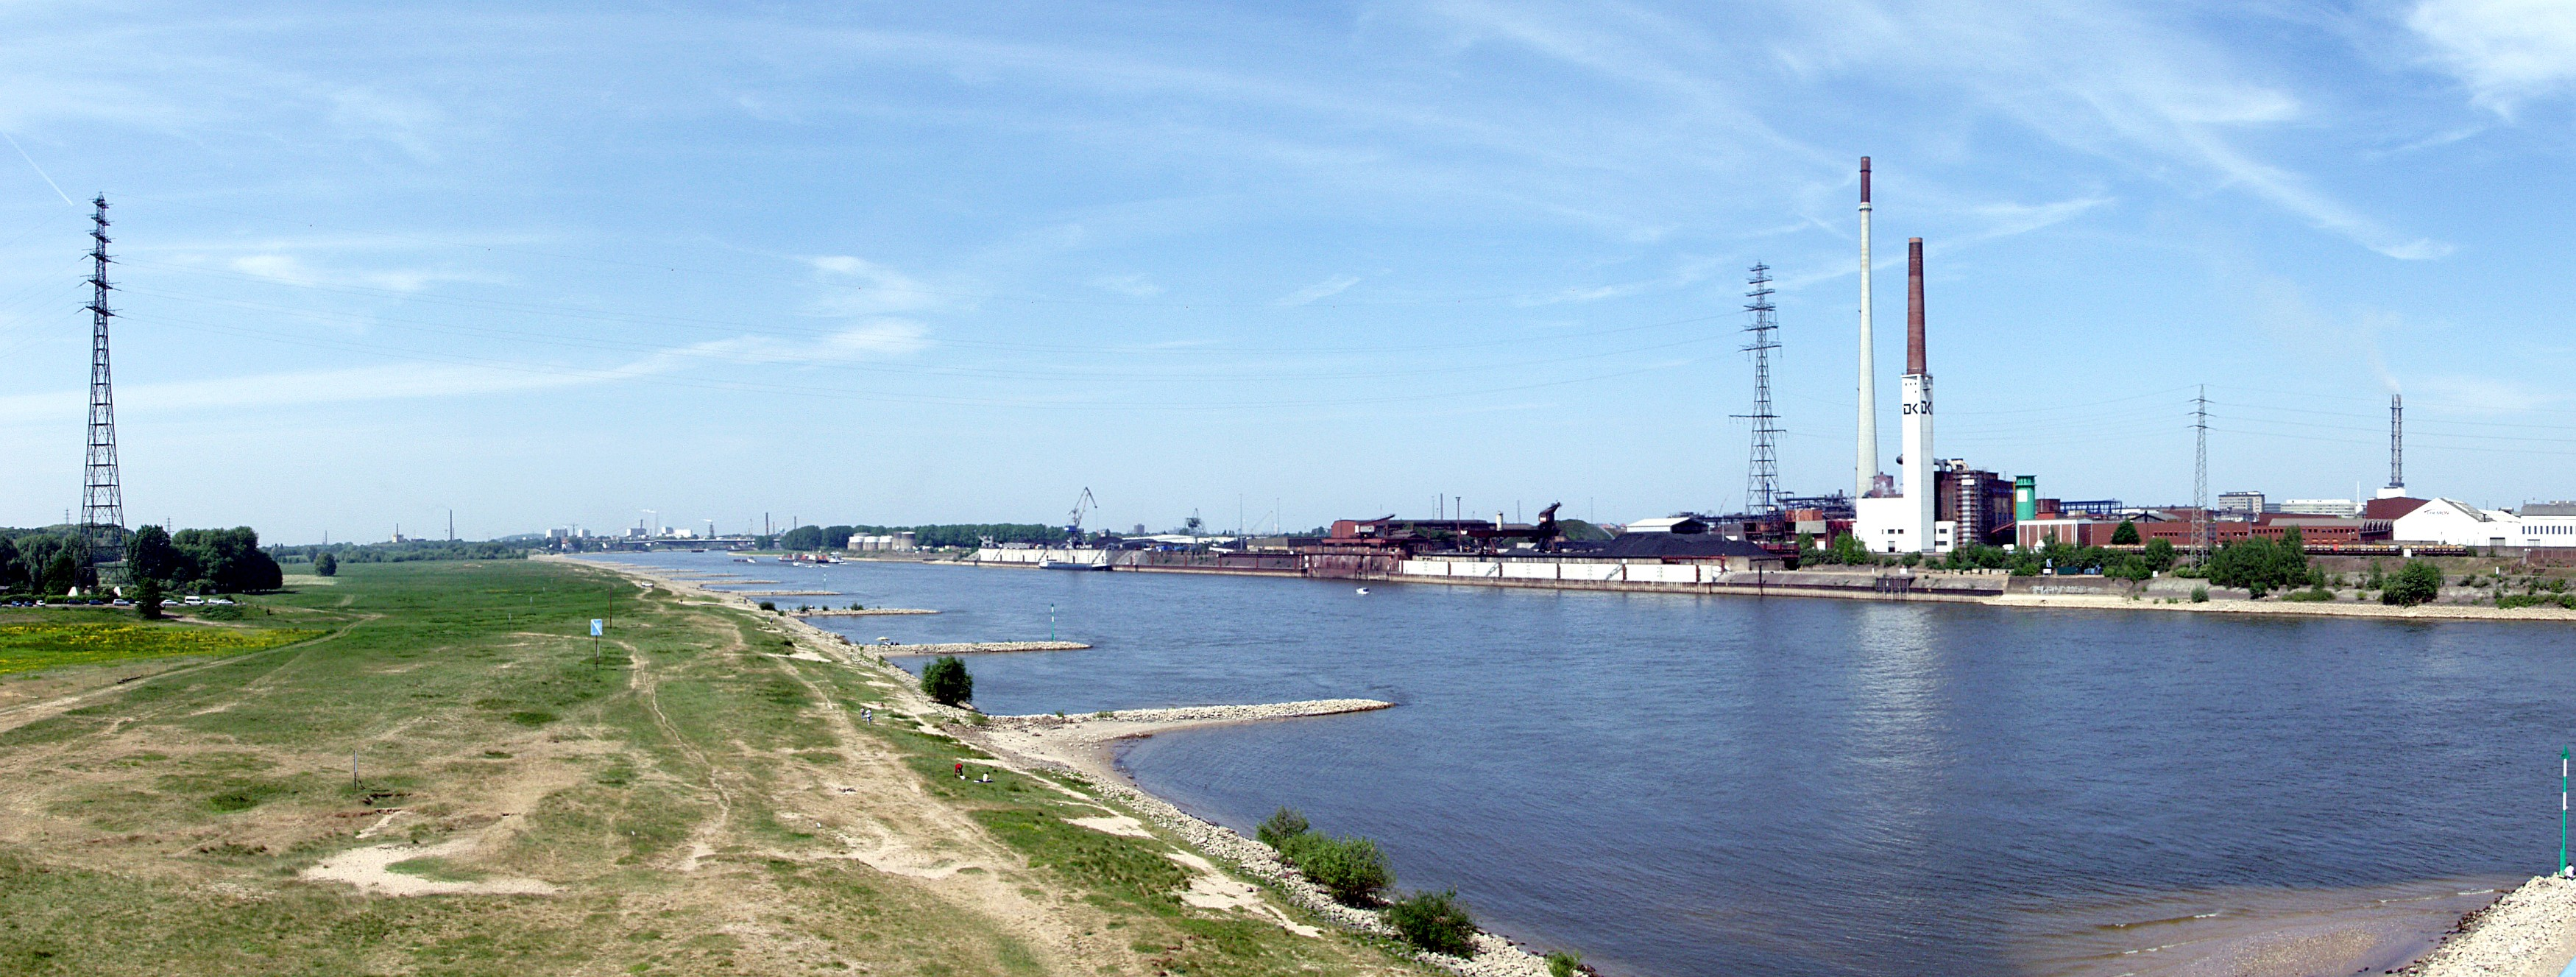 Rheinpanorama_Duisburg_Rheinhausen.jpg